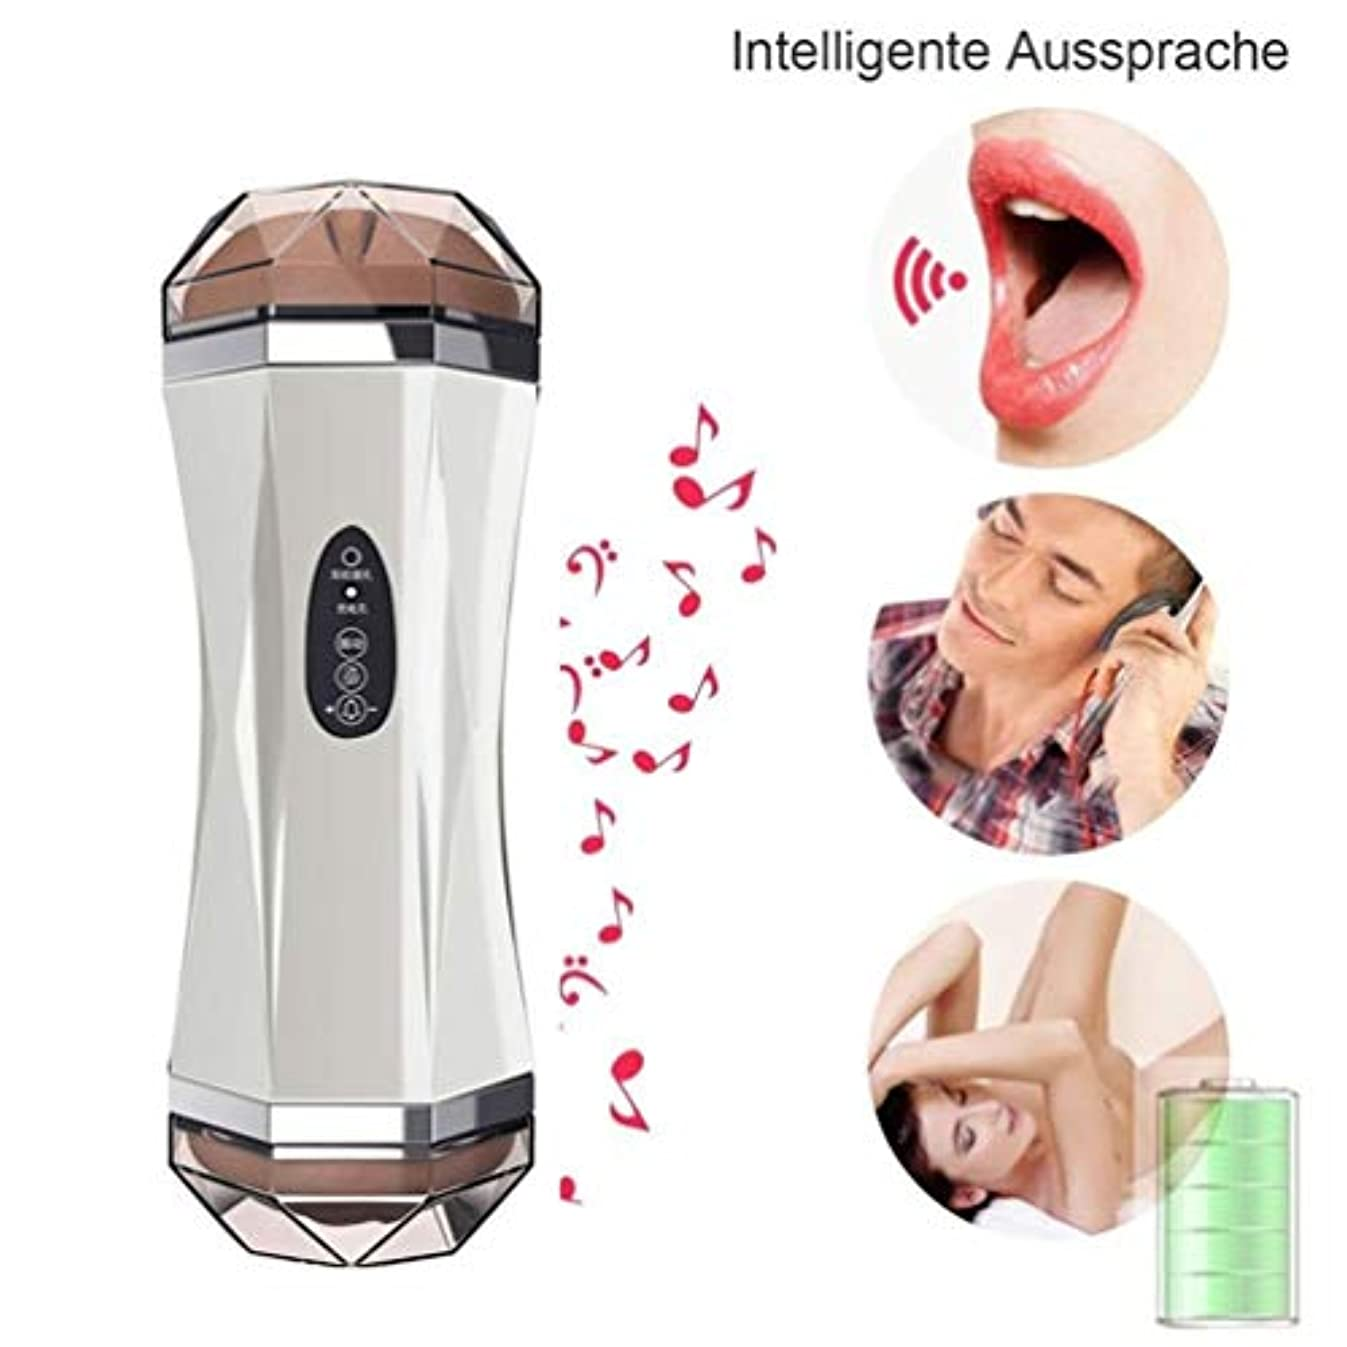 未亡人崇拝します規定Woouu 現実的な玩具口腔しゃぶり安全で柔らかいシリコーン素材USB充電女性唇の形男性持久力トレーナー